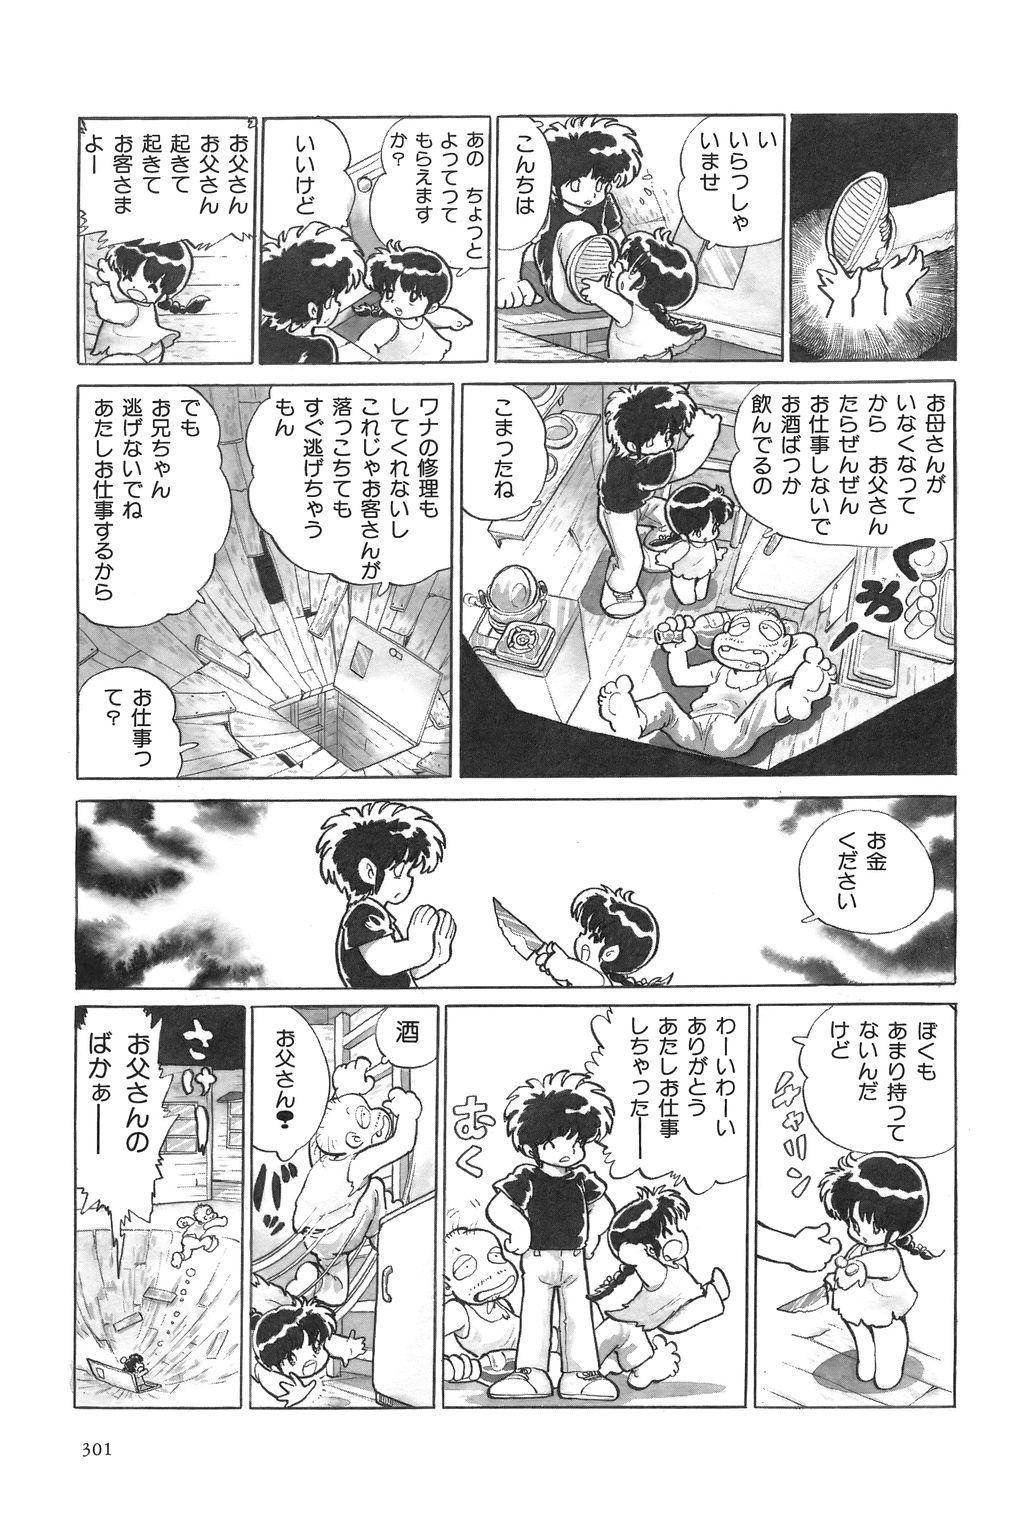 Azuma Hideo Sakuhin Shuusei - Yoru no Tobari no Naka de 302